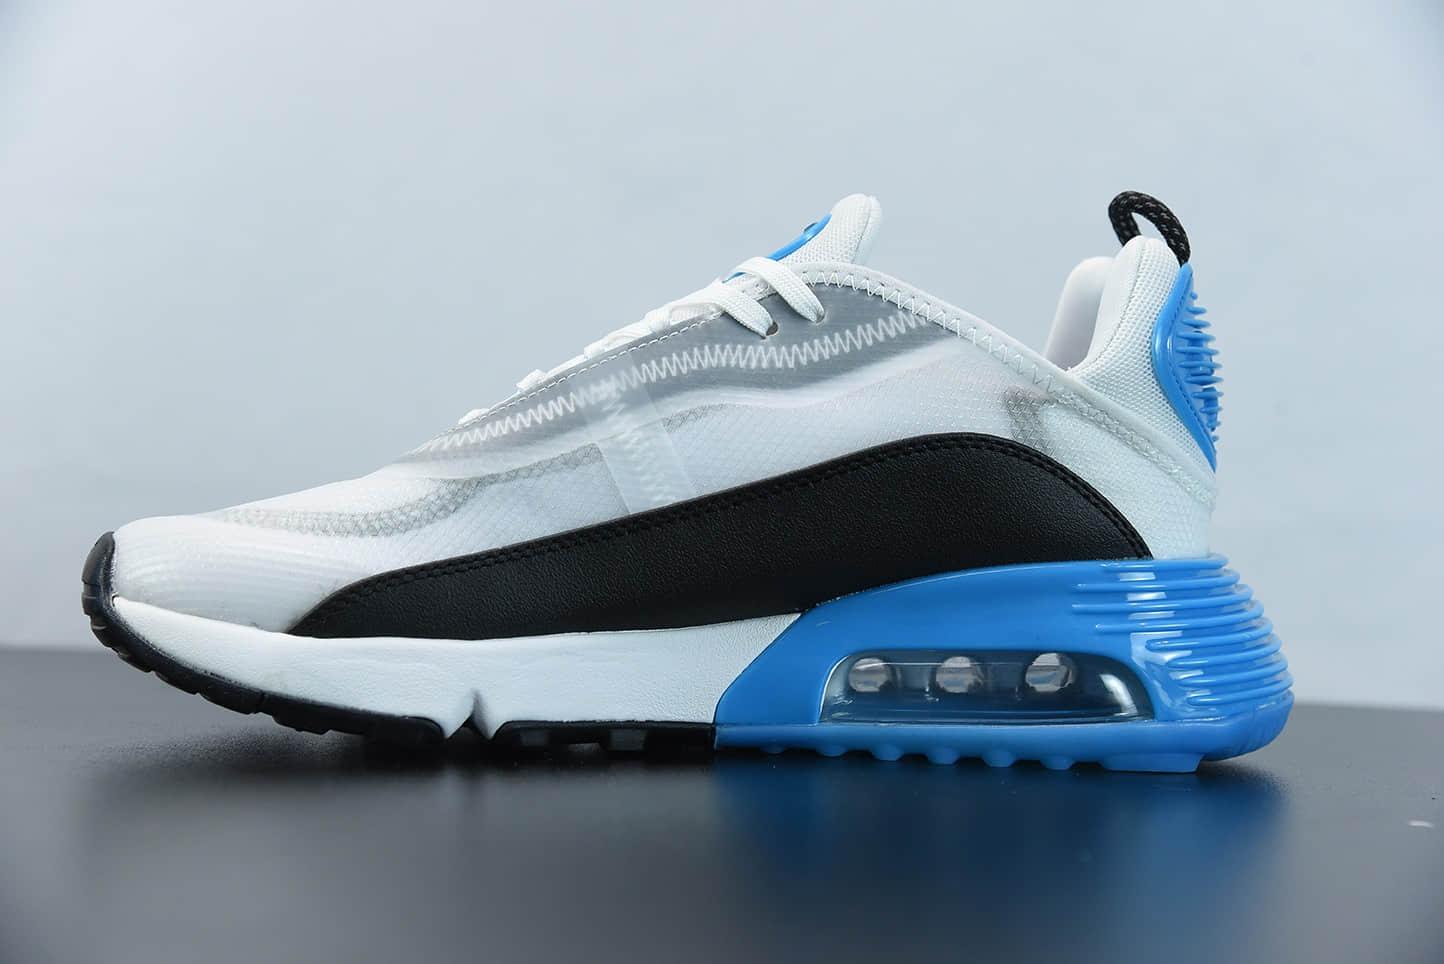 耐克Neymar x Nk Air Max 2090 白蓝黑色缓震气垫鞋耐磨防滑超透气休闲跑步鞋纯原版本 货号:DC0955-100